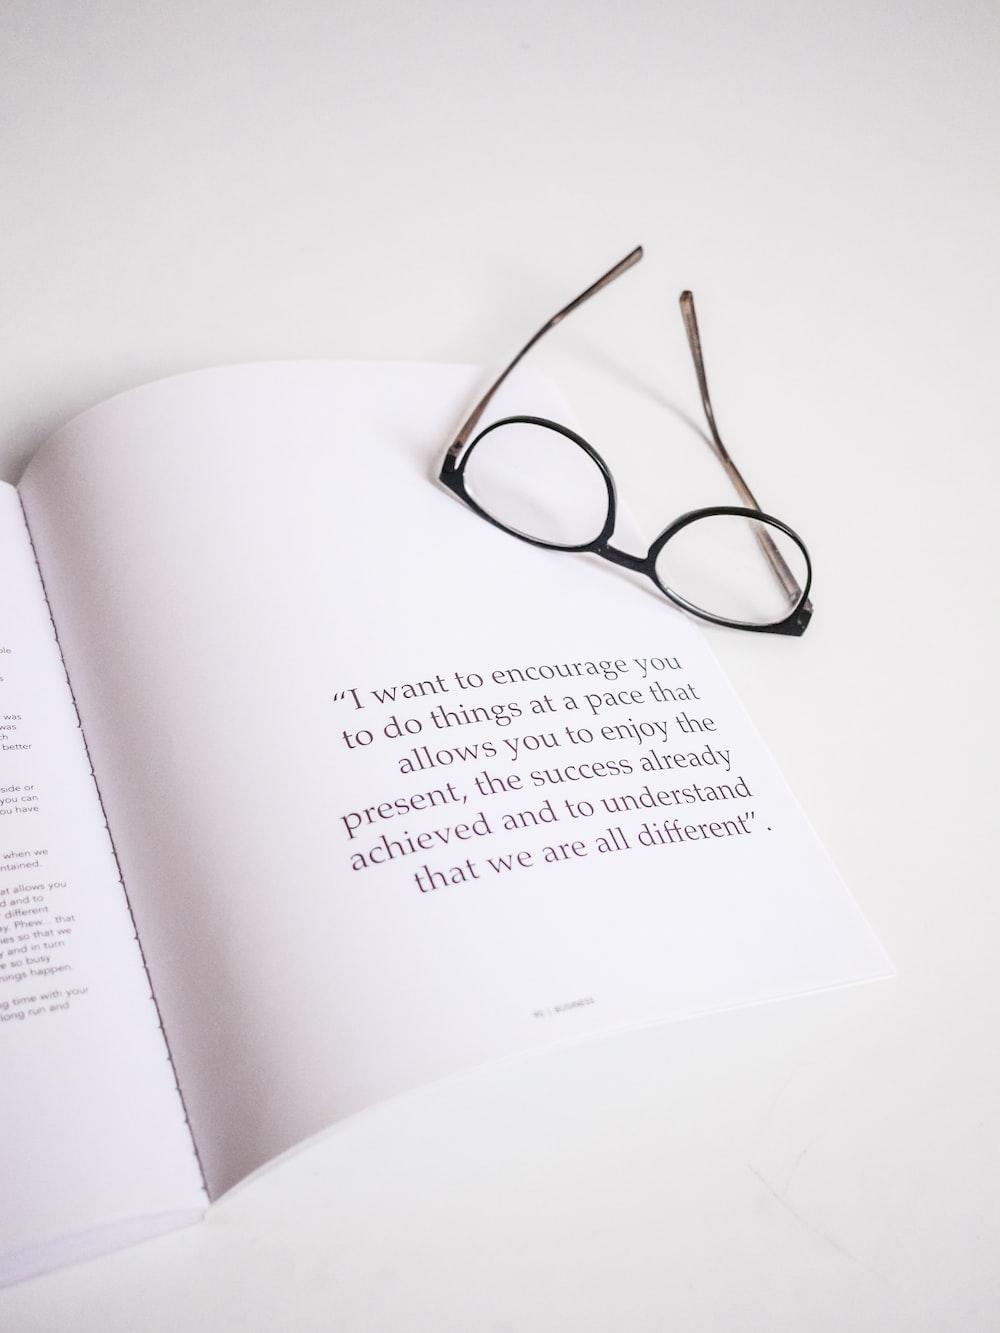 black-framed eyeglasses on opened book